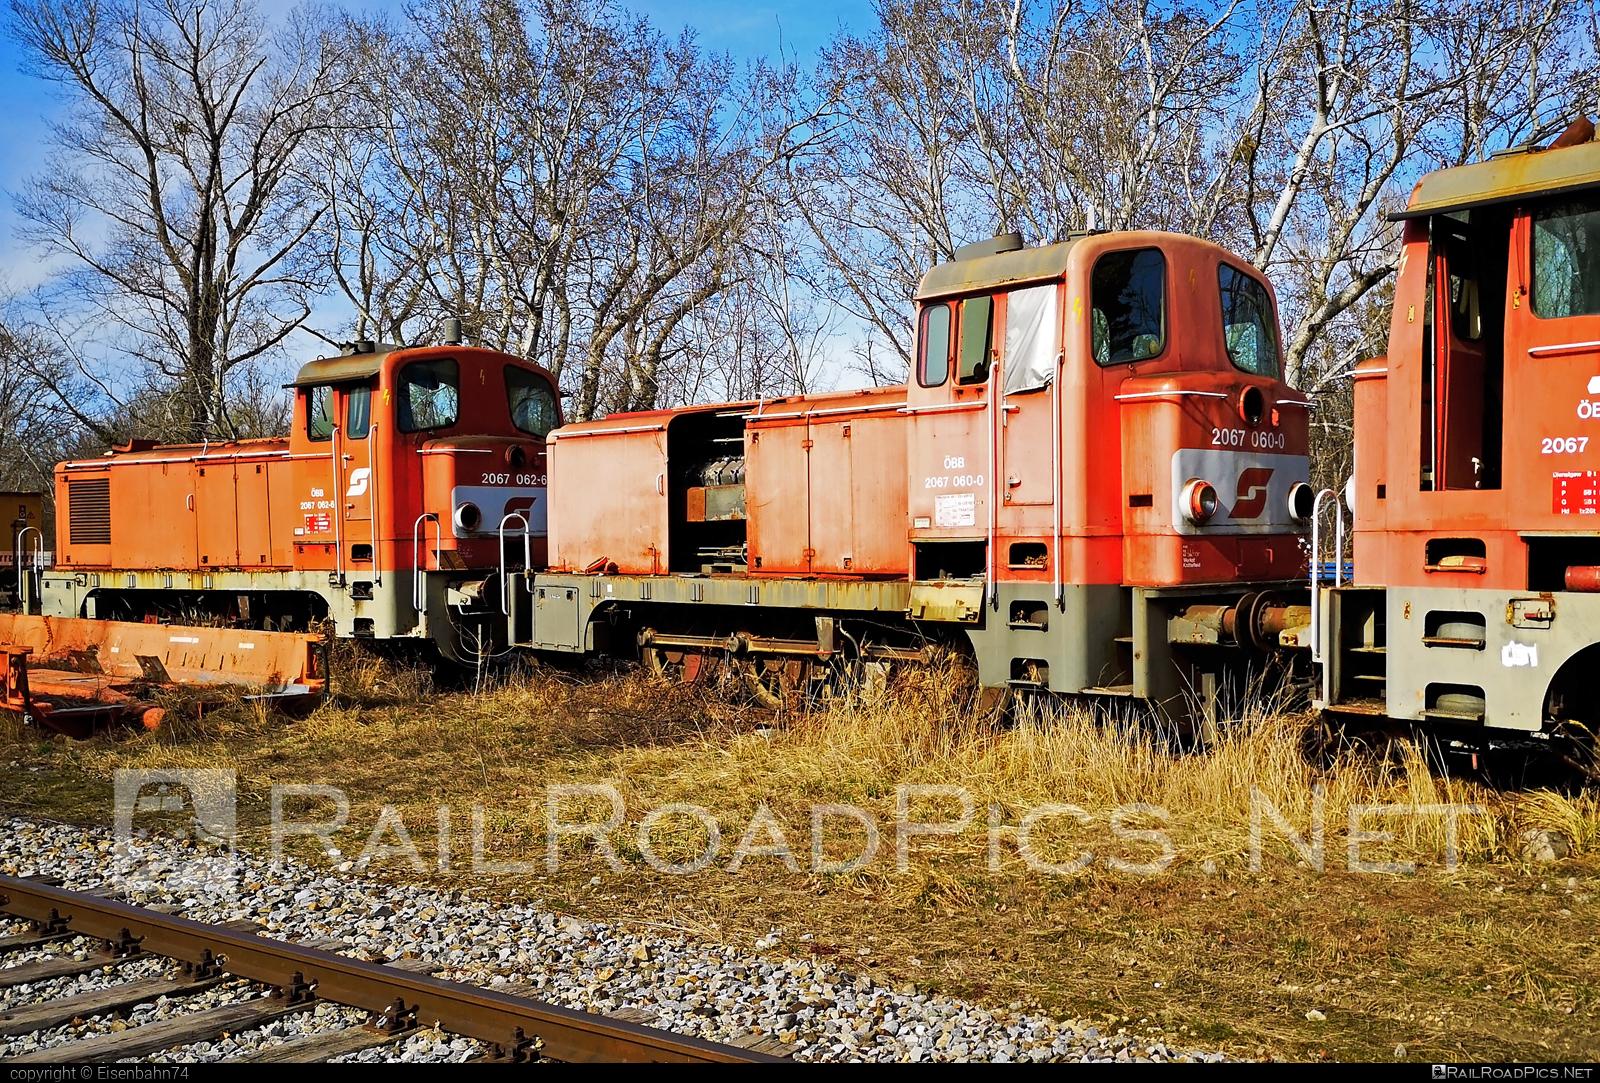 SGP ÖBB Class 2067 - 2067 060-0 operated by Österreichische Bundesbahnen #obb #obbclass2067 #osterreichischebundesbahnen #sgp #sgp2067 #simmeringgrazpauker